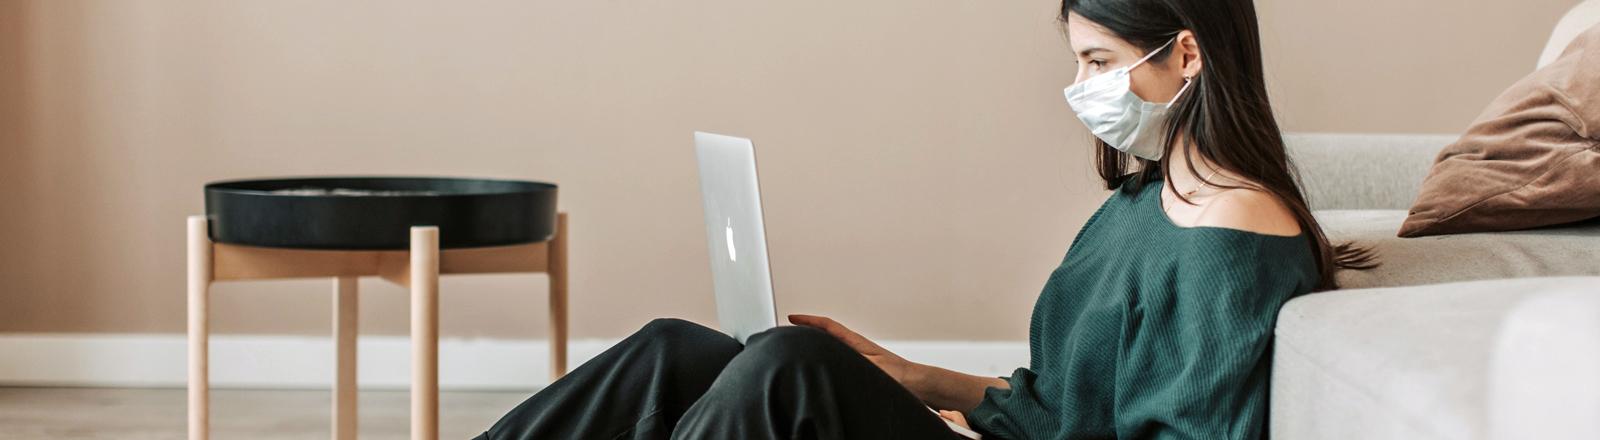 Eine junge Frau mit Mundschutz sitzt am Computer.